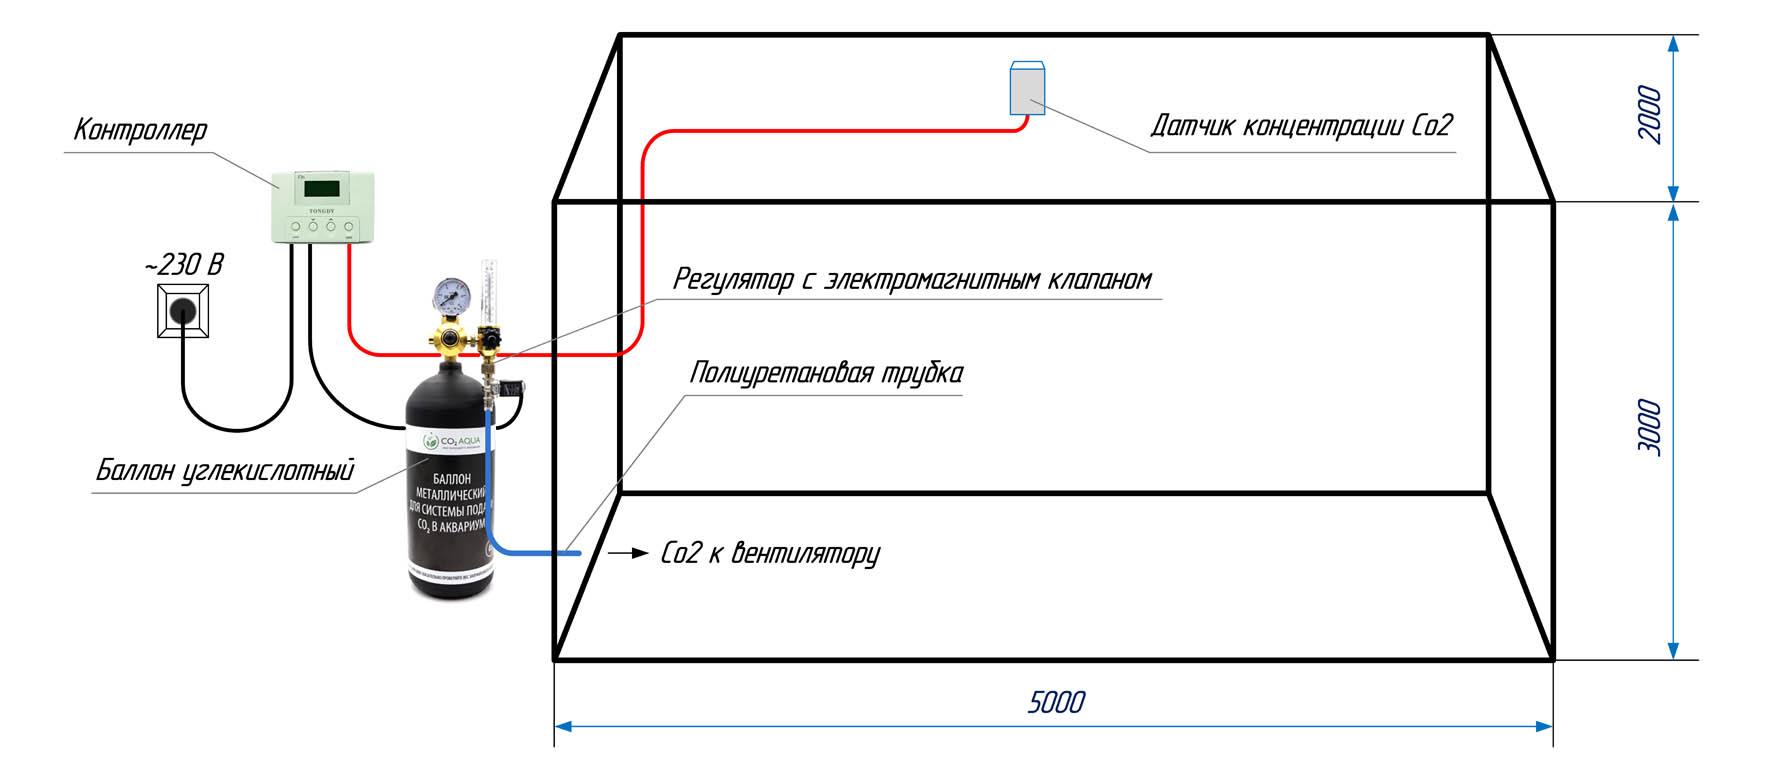 Расположение оборудования при подачи Со2 в теплице